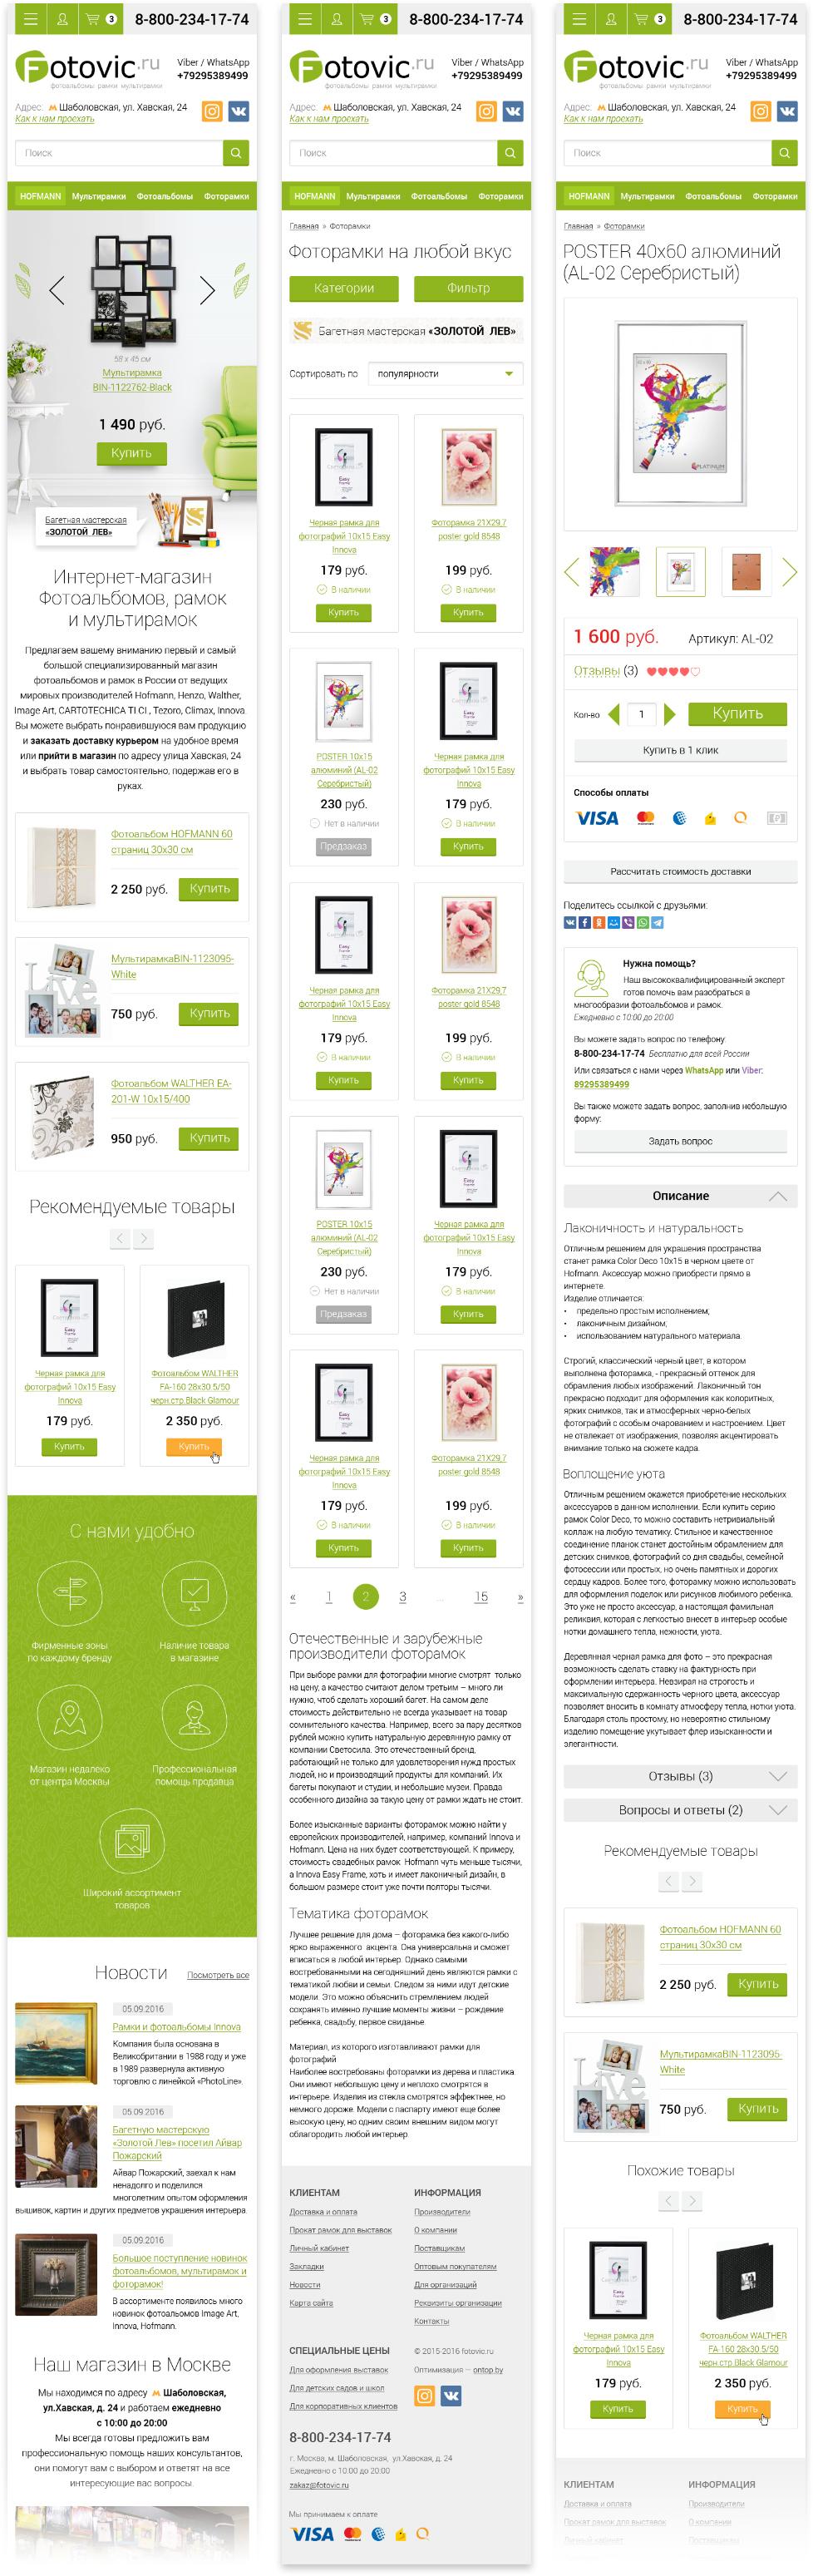 Интернет-магазин с мобильным дизайном: Фоторамки и фотоальбомы